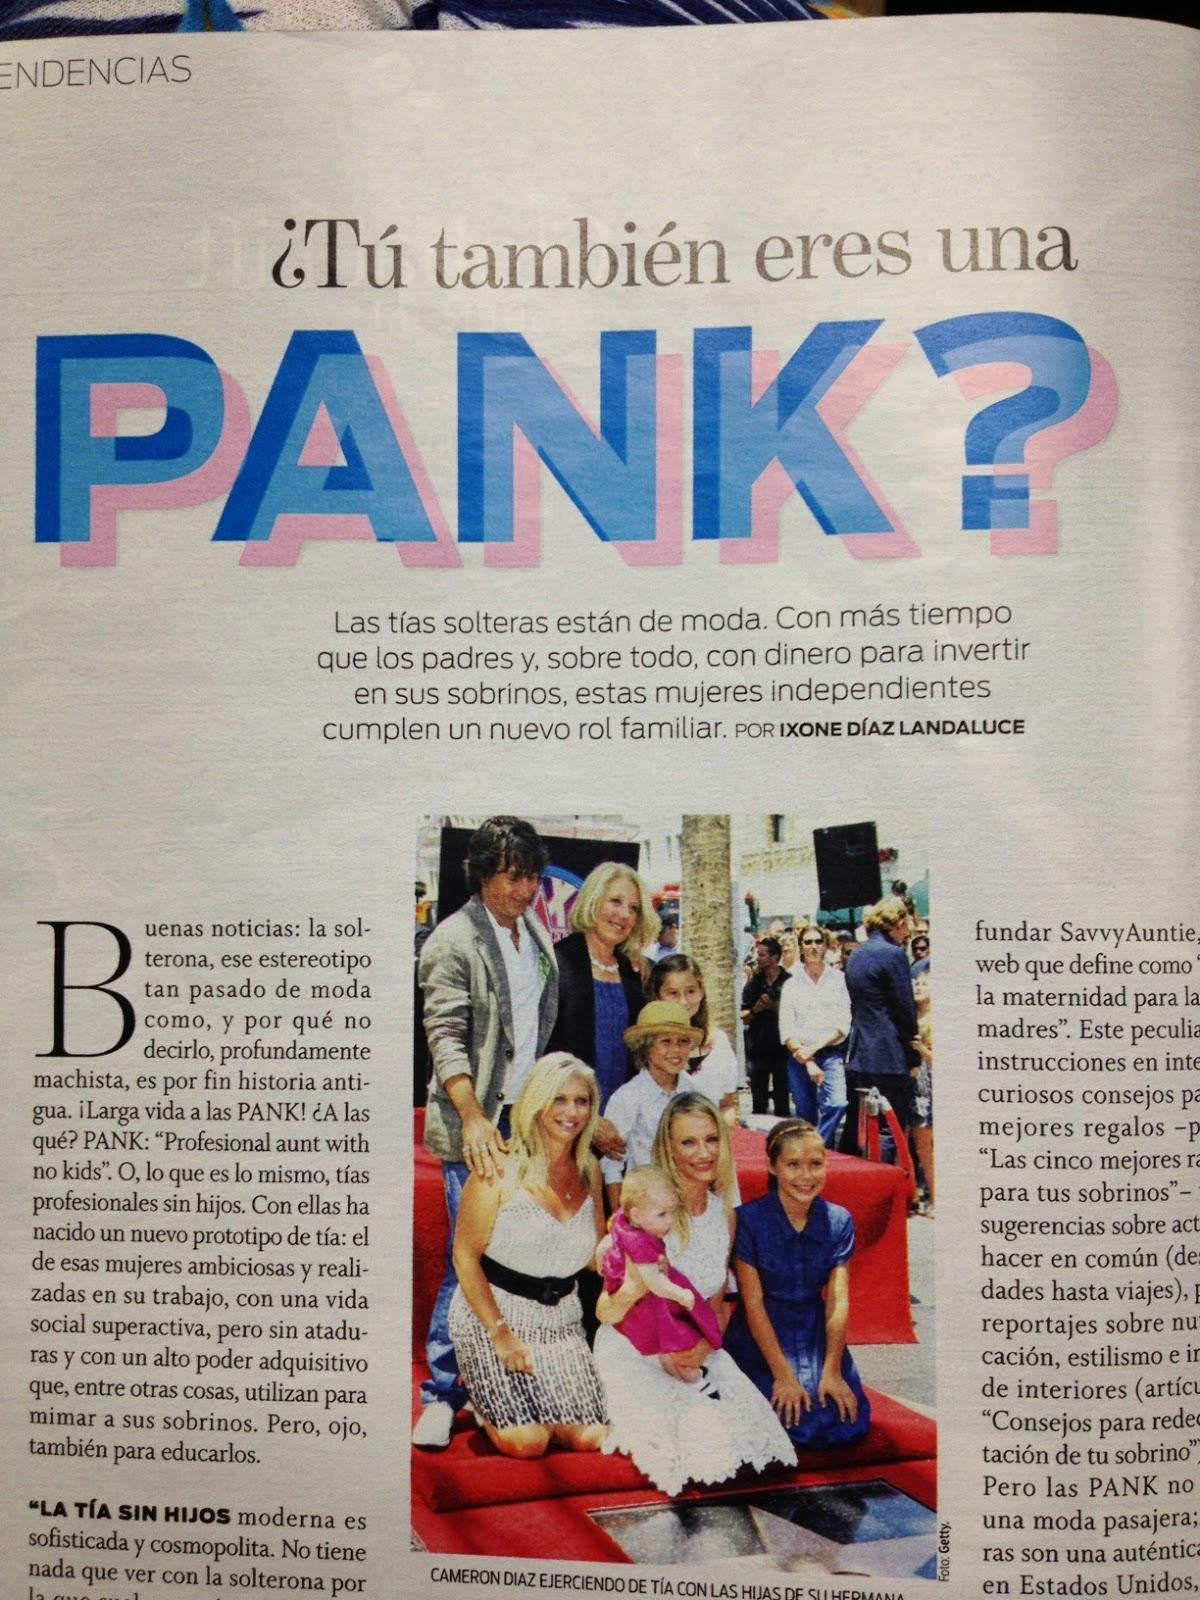 ¿Eres una soltera pank?